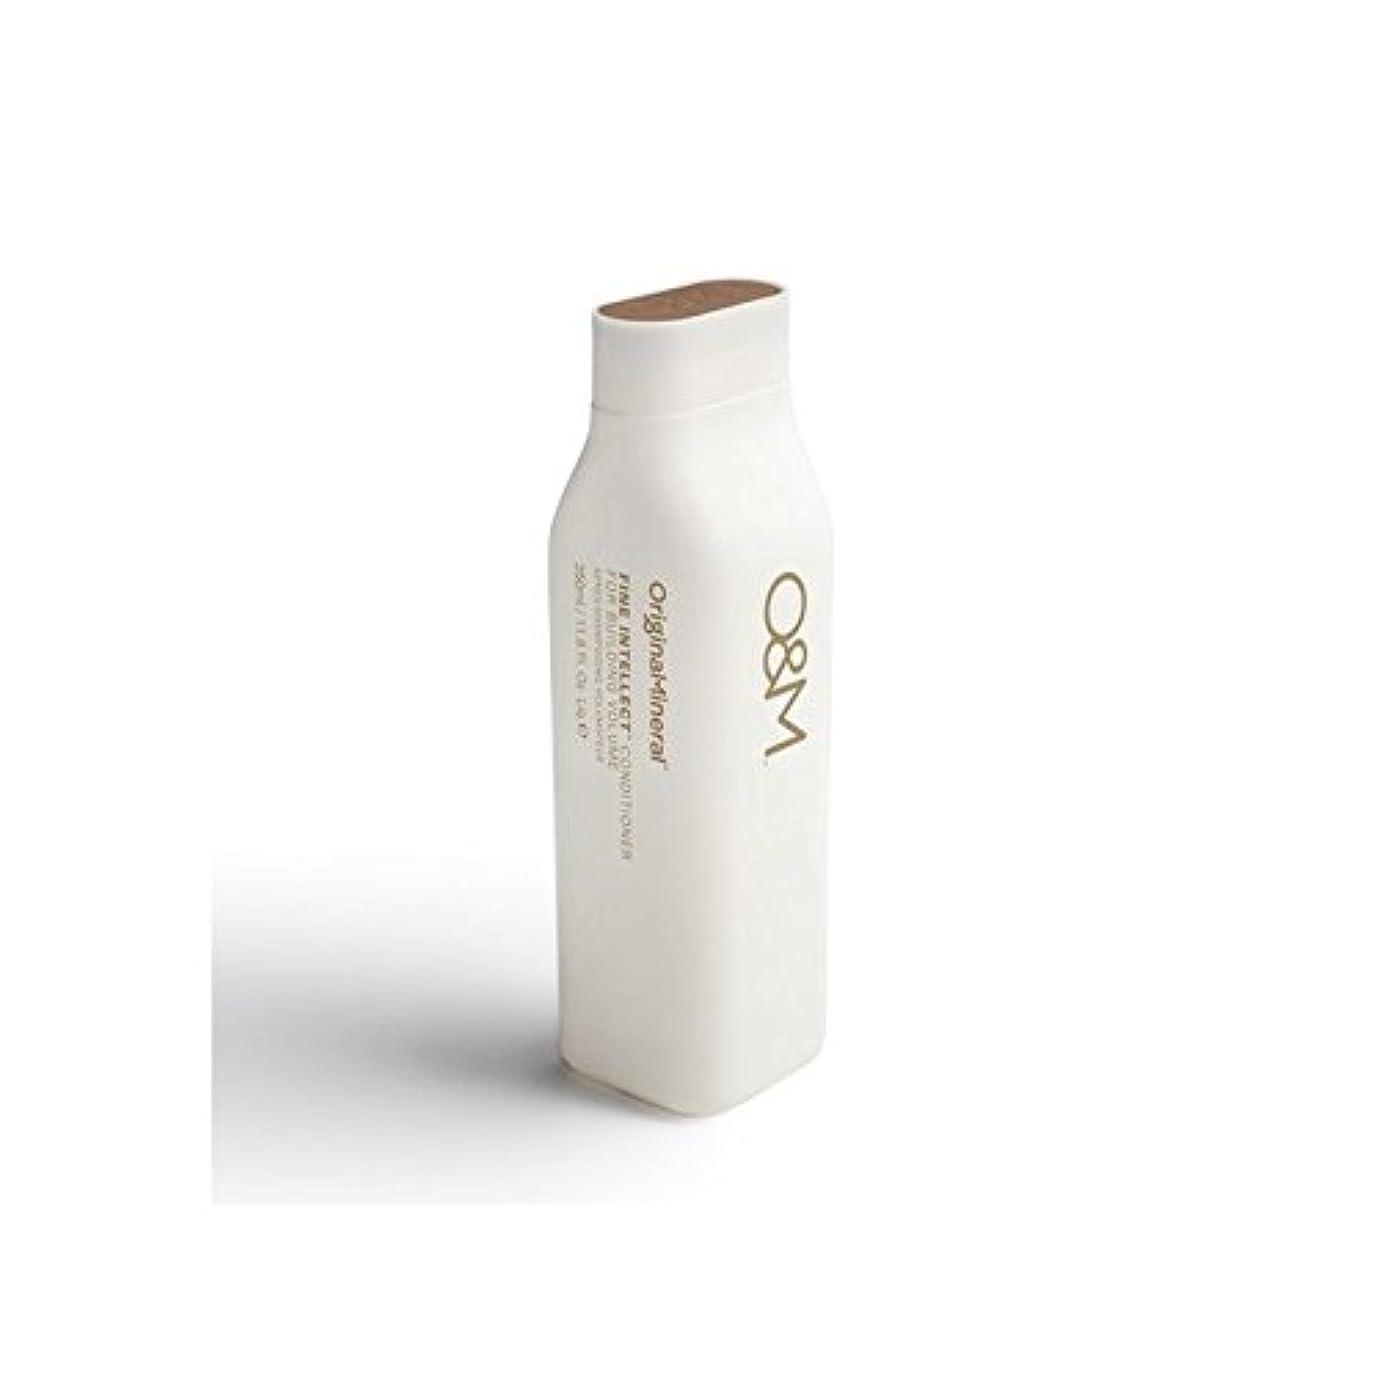 主張する手のひら注釈を付けるオリジナル&ミネラル細かい知性コンディショナー(350ミリリットル) x2 - Original & Mineral Fine Intellect Conditioner (350ml) (Pack of 2) [並行輸入品]